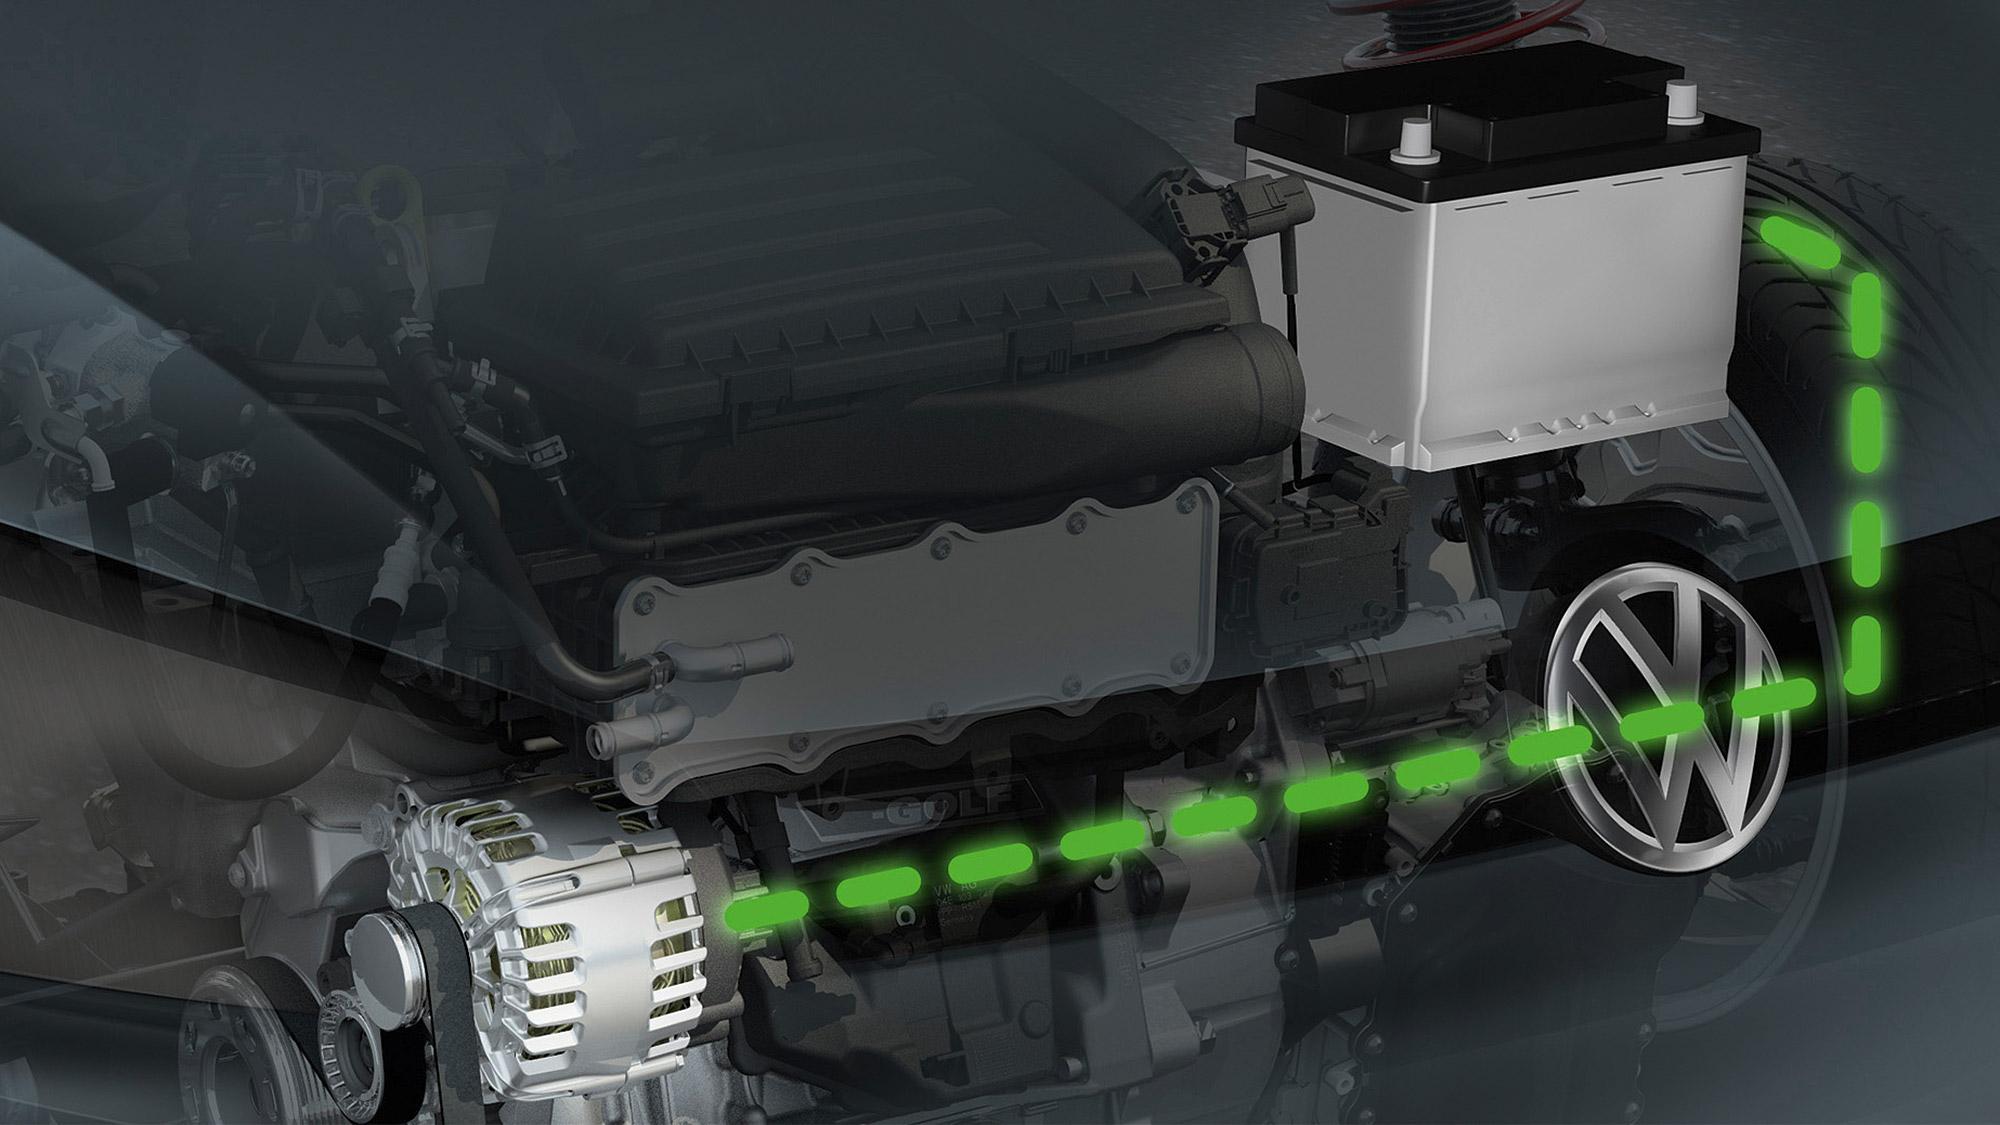 內燃機引擎的電動化解藥, 48V Mild-Hybrid 平價普及化指日可待